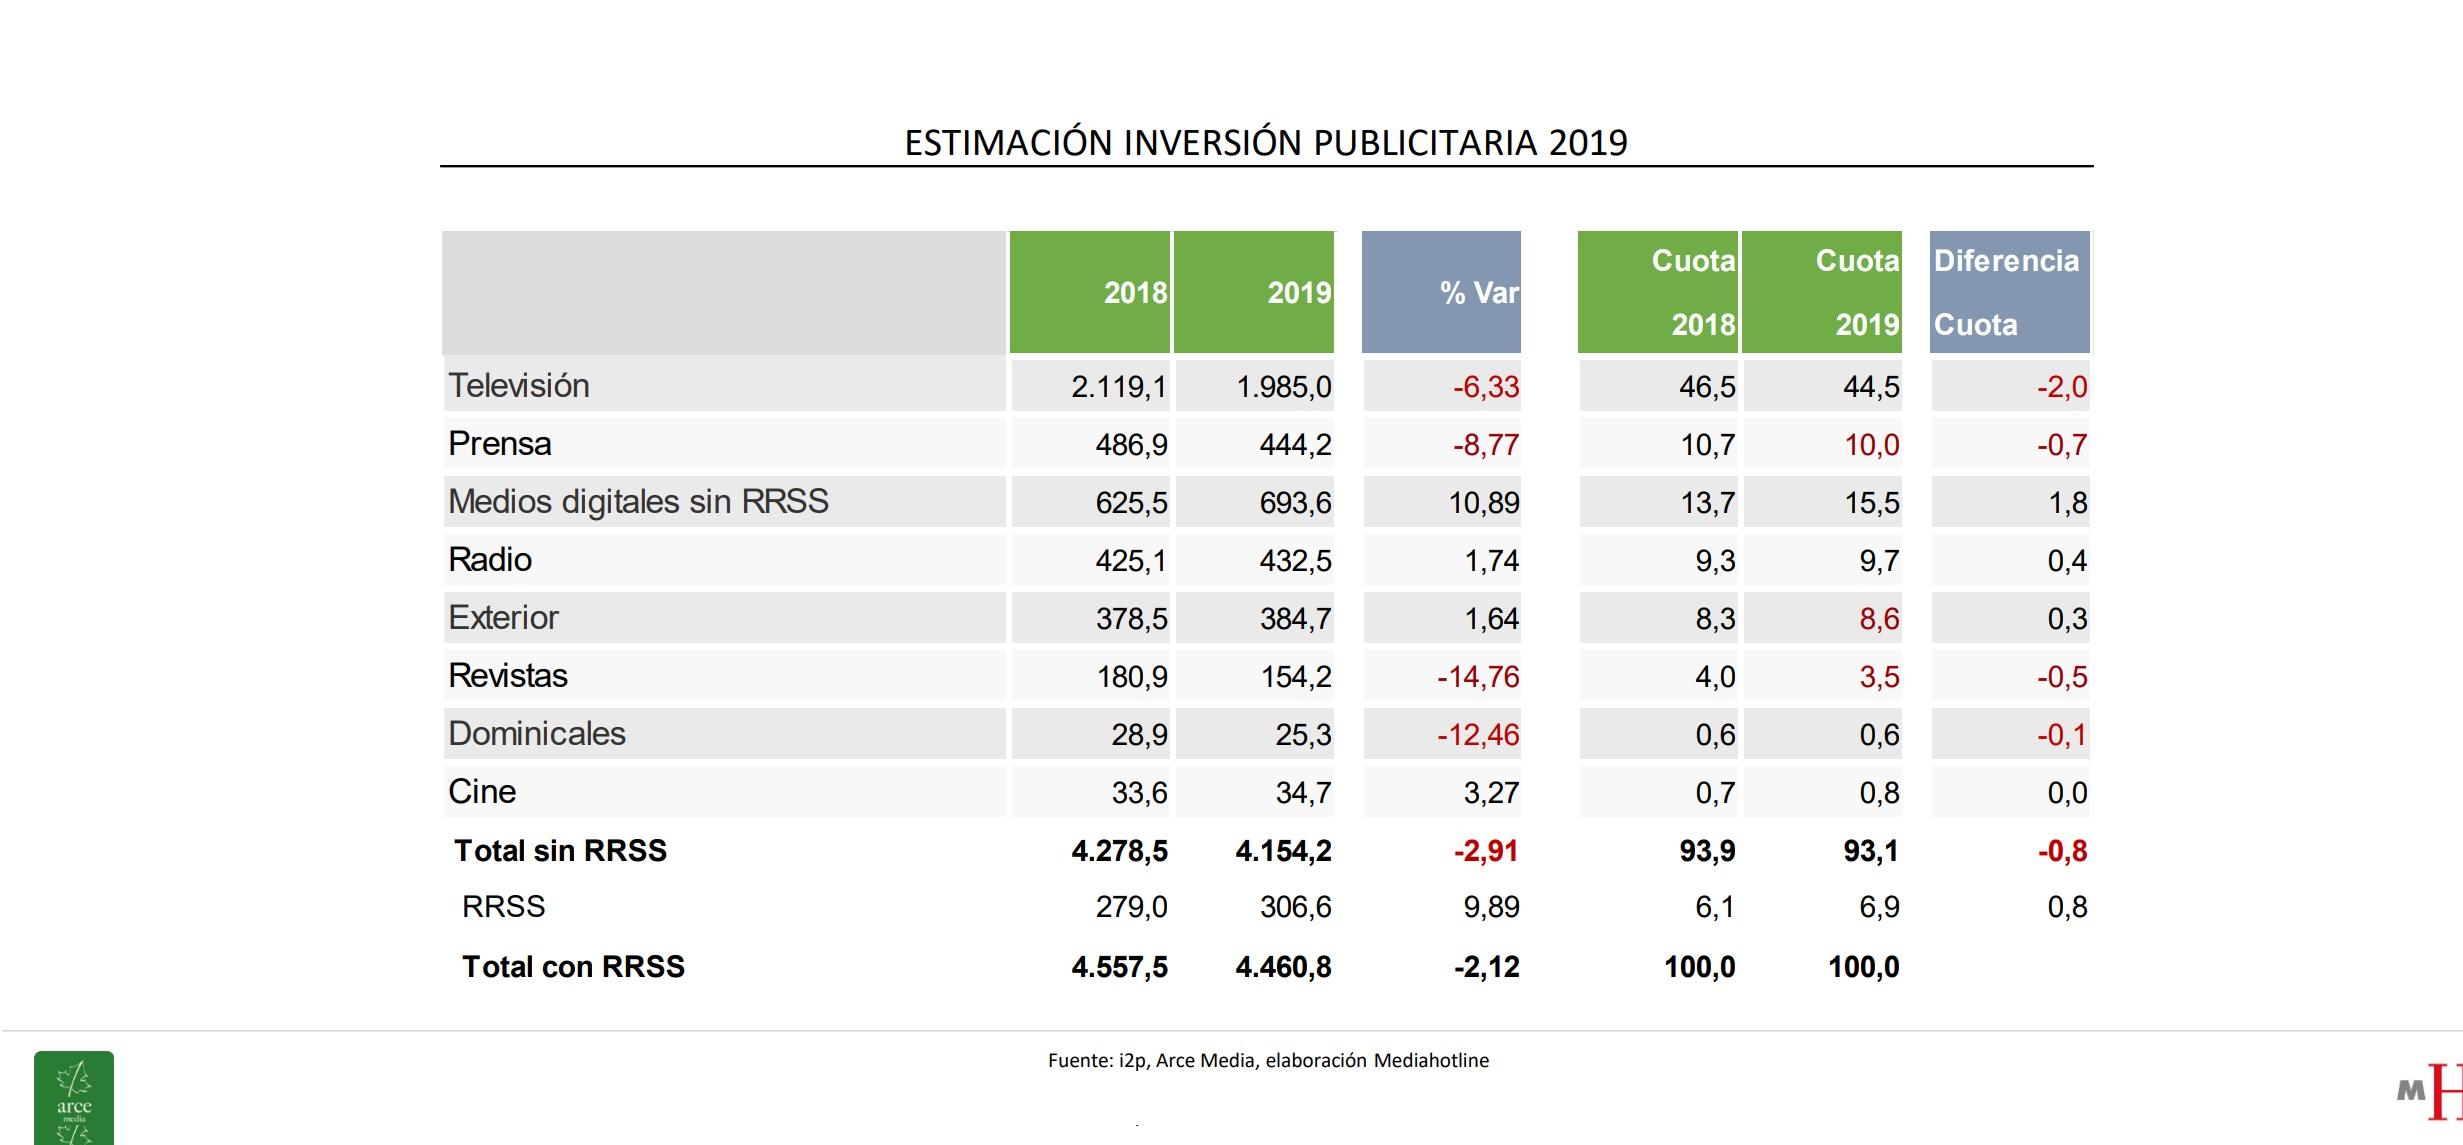 https://www.programapublicidad.com/wp-content/uploads/2019/10/Estimación-inversión-publicitaria-2019-arce-media-i2p-2019-medios-programapublicidad-muy-grande.jpg